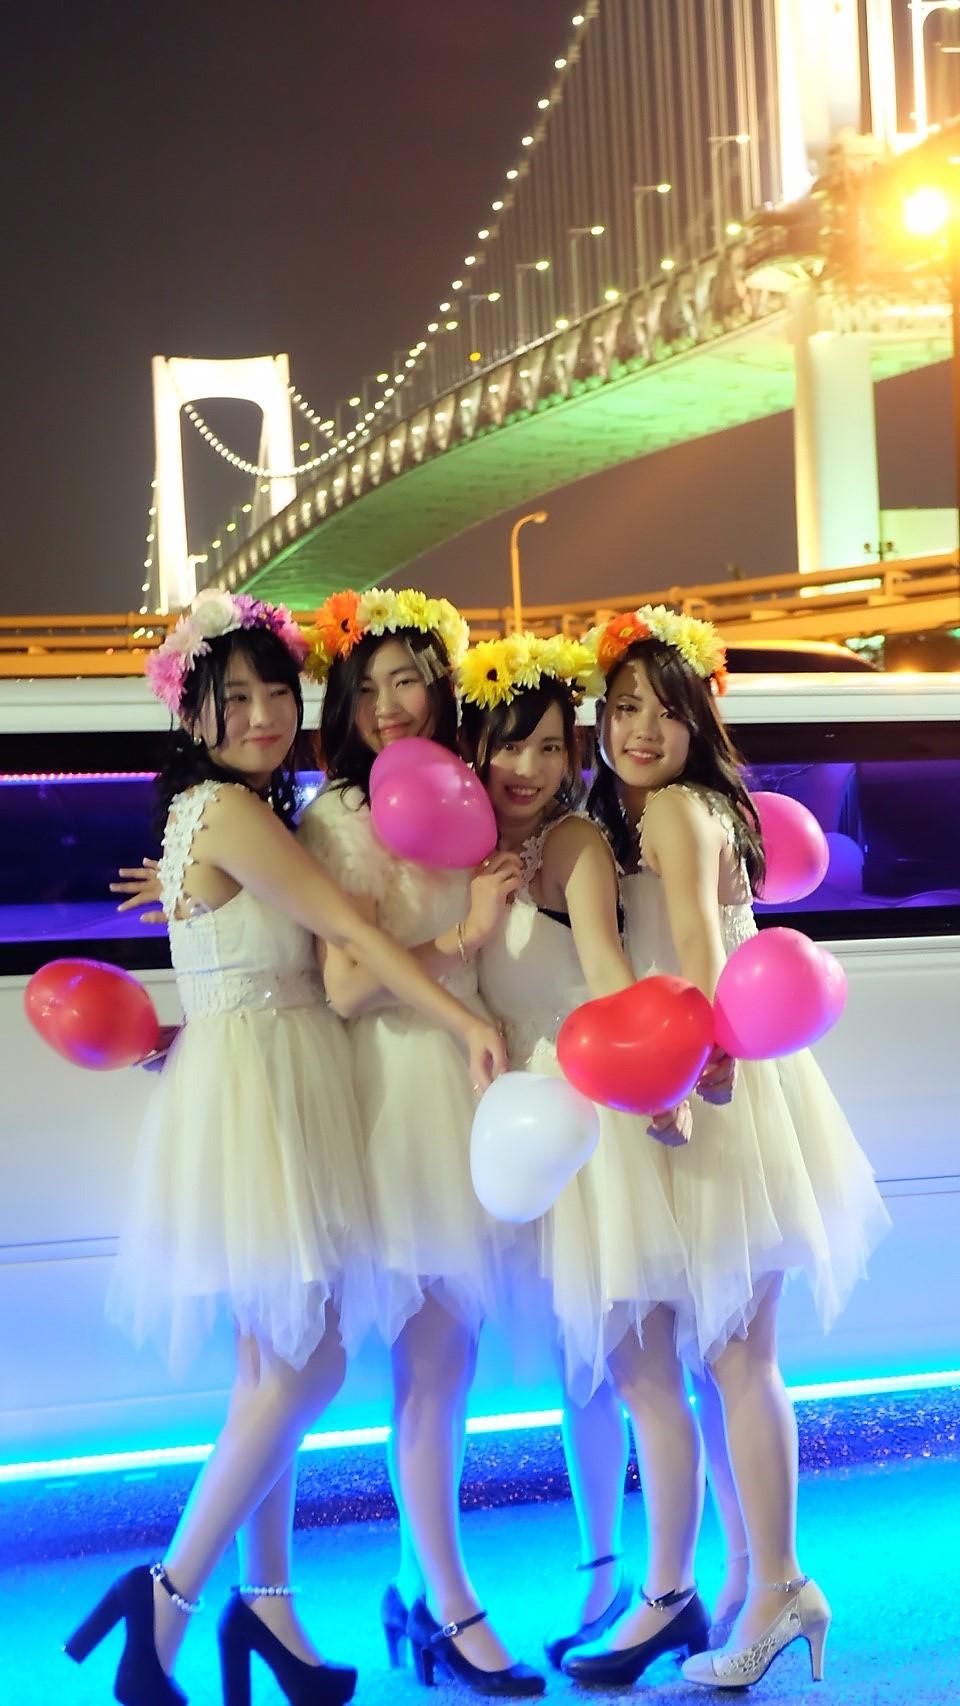 リムジンパーティーを東京でするなら